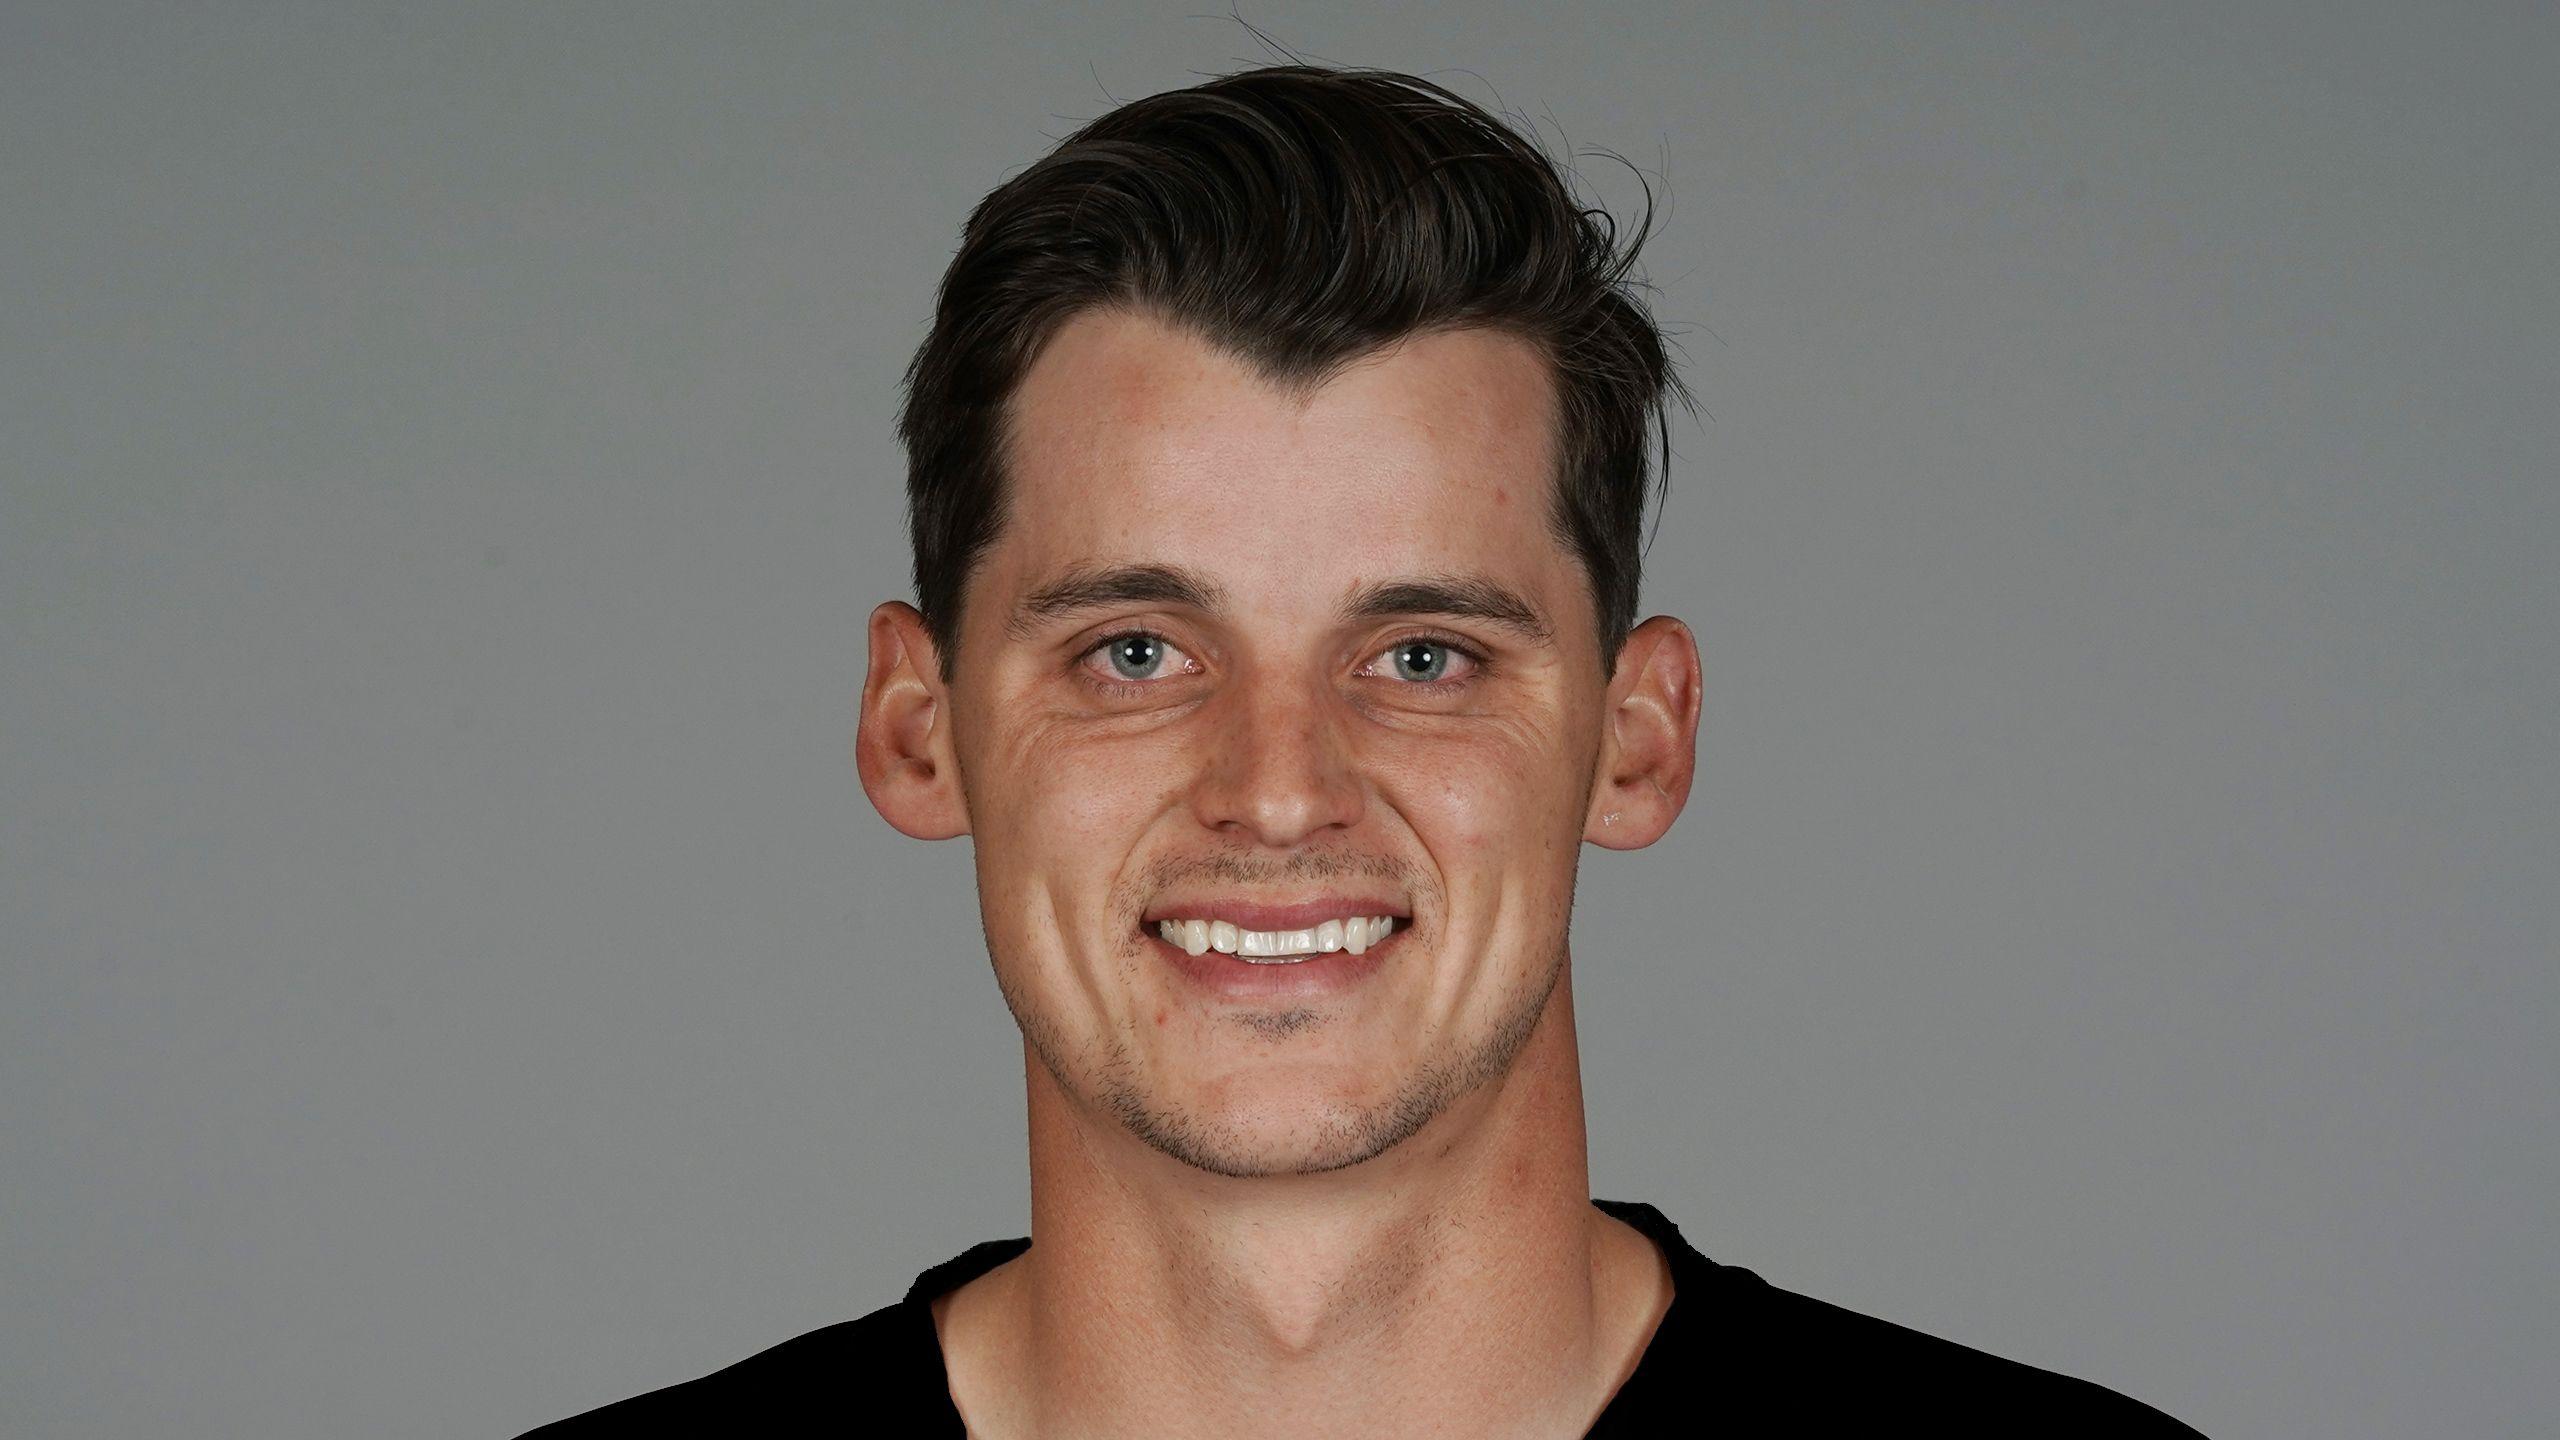 Matt McCrane